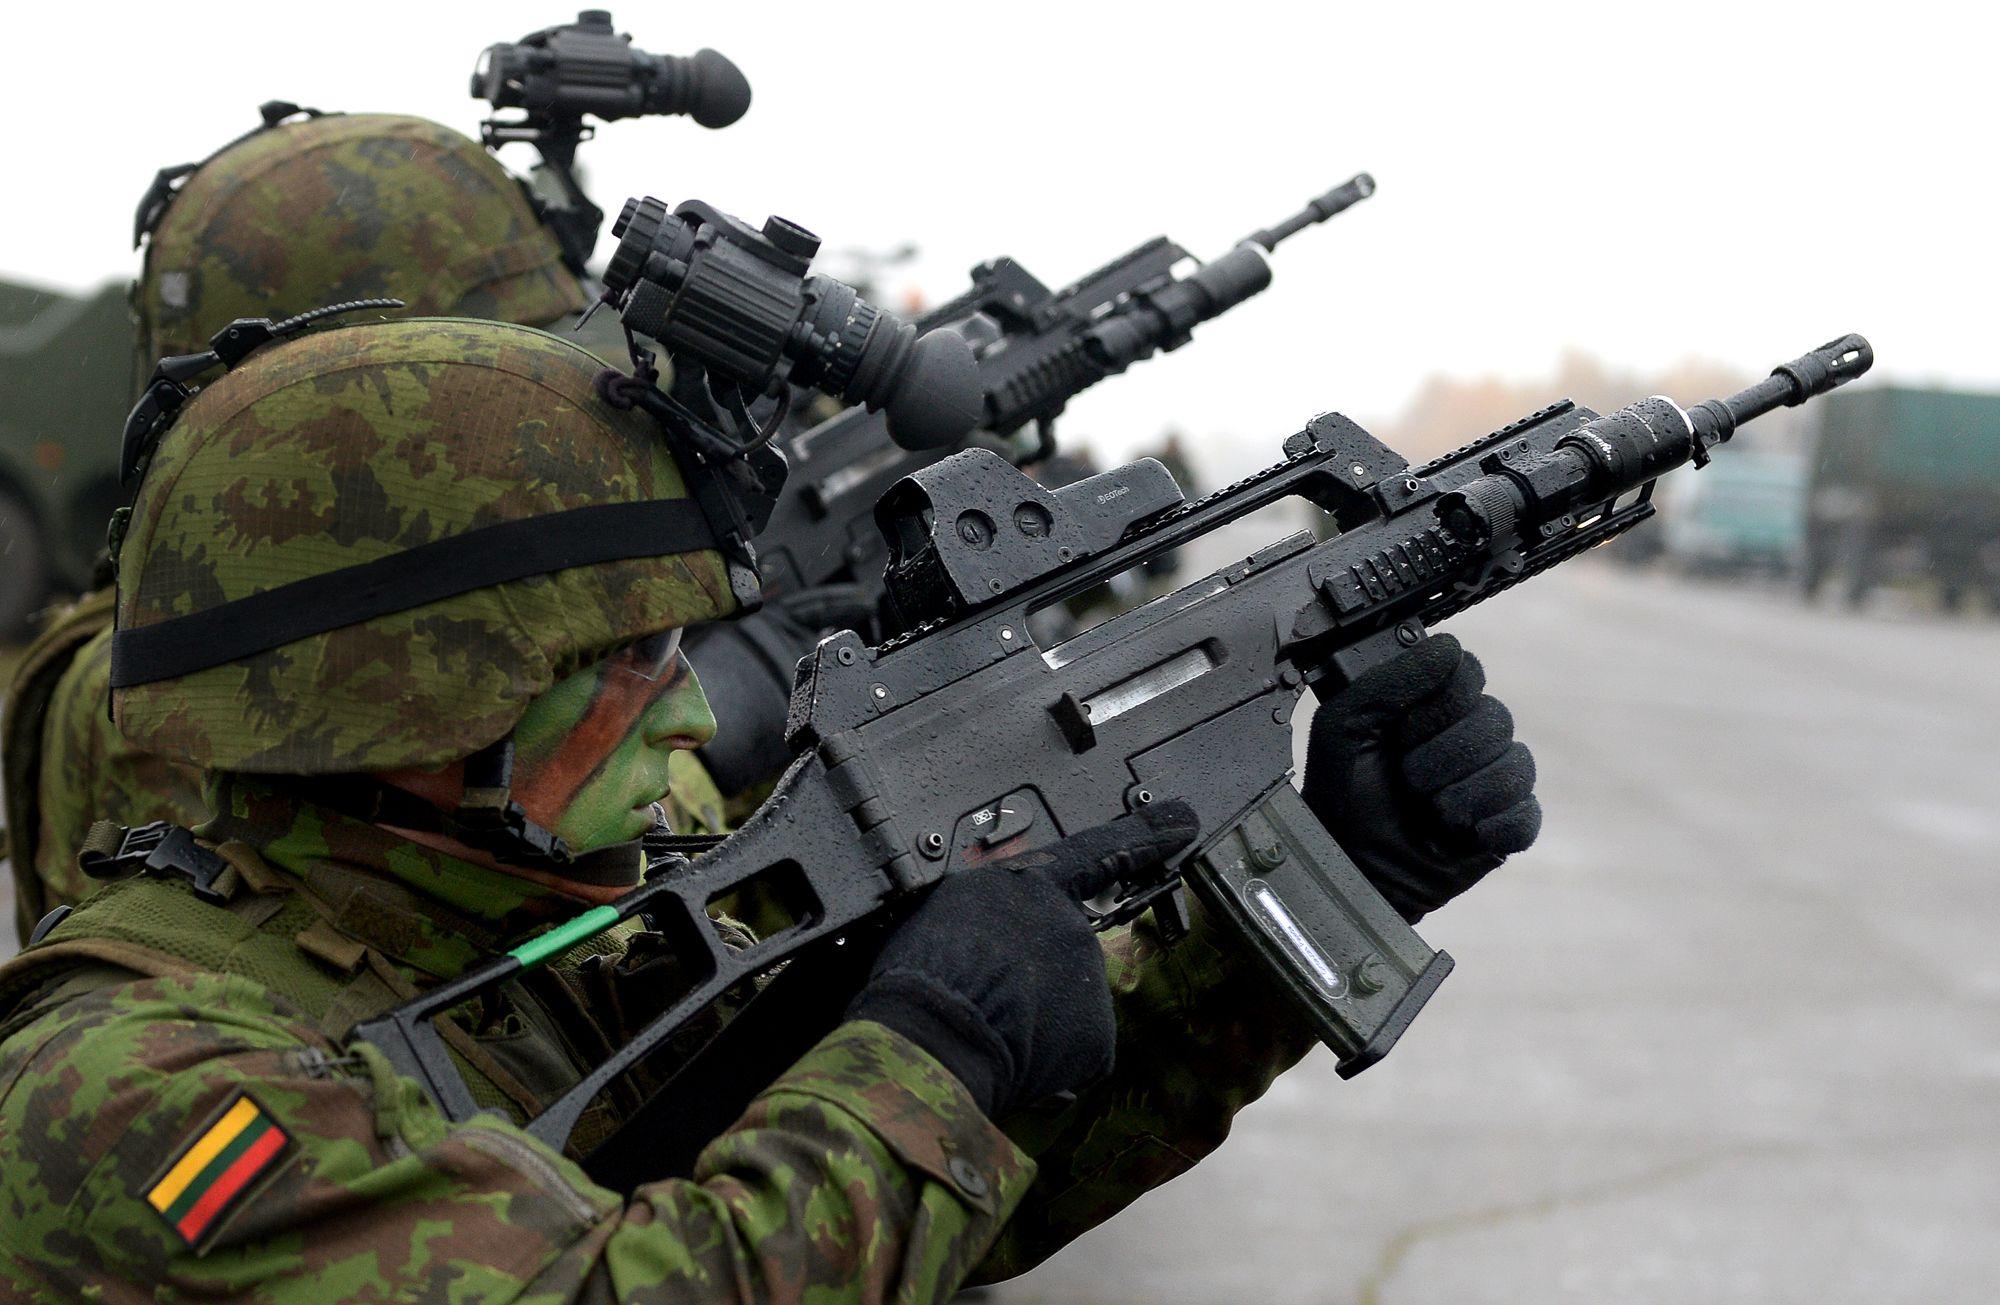 Військовий бюджет Литви на наступний рік може скласти 2 відсотків від ВВП